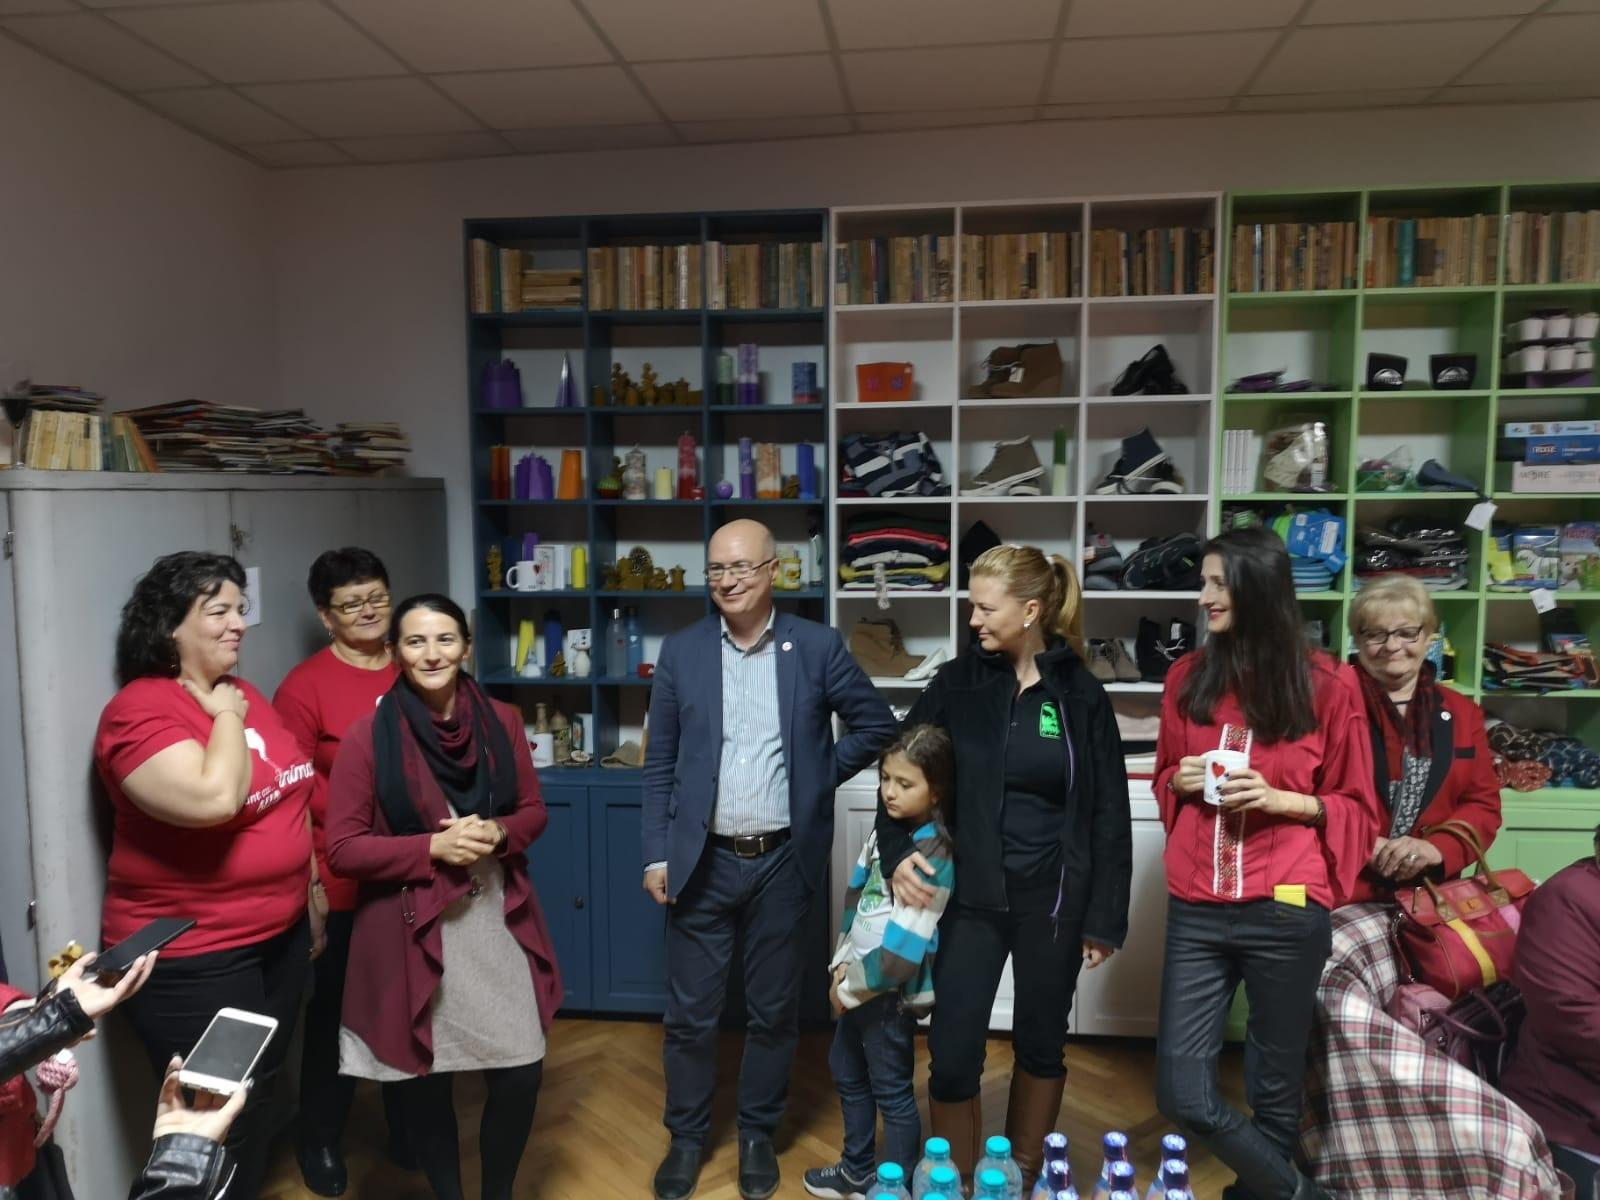 Patru ONG-uri din Sibiu și-au unit forțele și au creat Magazinul de Fapte Bune